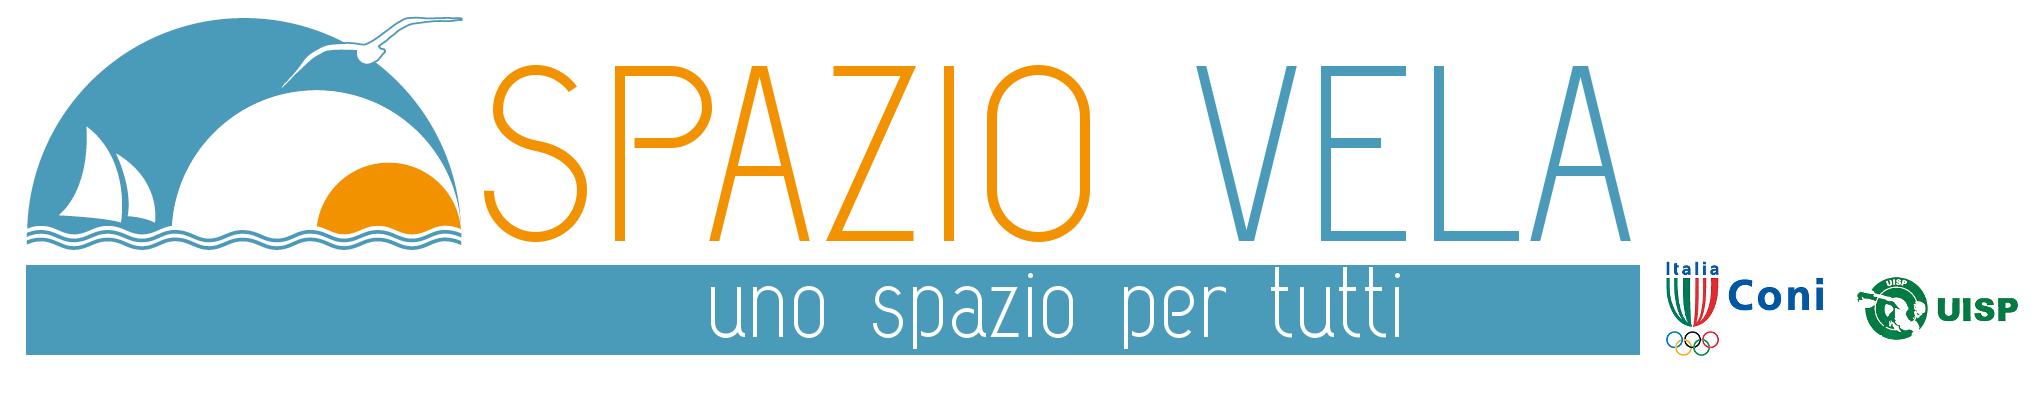 Spazio Vela A.S.D.  Milano - CF: 97746530159